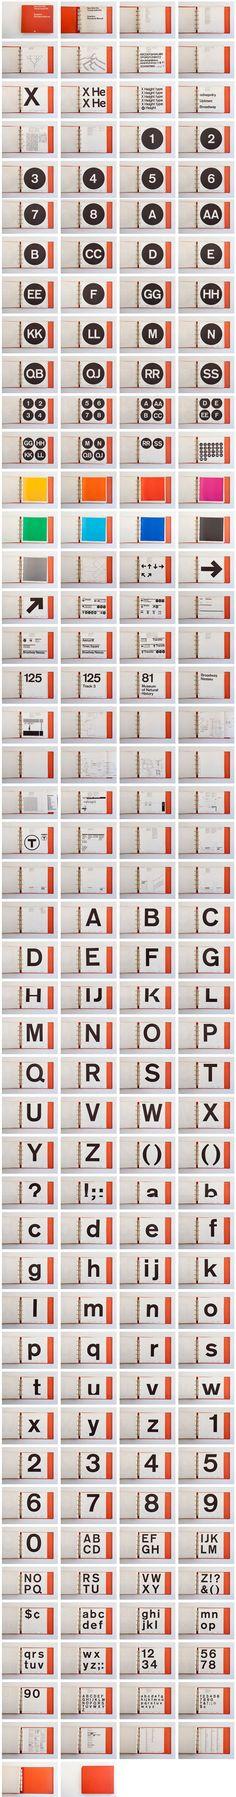 Typography ::: l'intégralité du manuel de la signalétique de la New York Transit Authority ::: New York Transit Authority Graphics Standards Manual by Massimo Vignelli in 1970